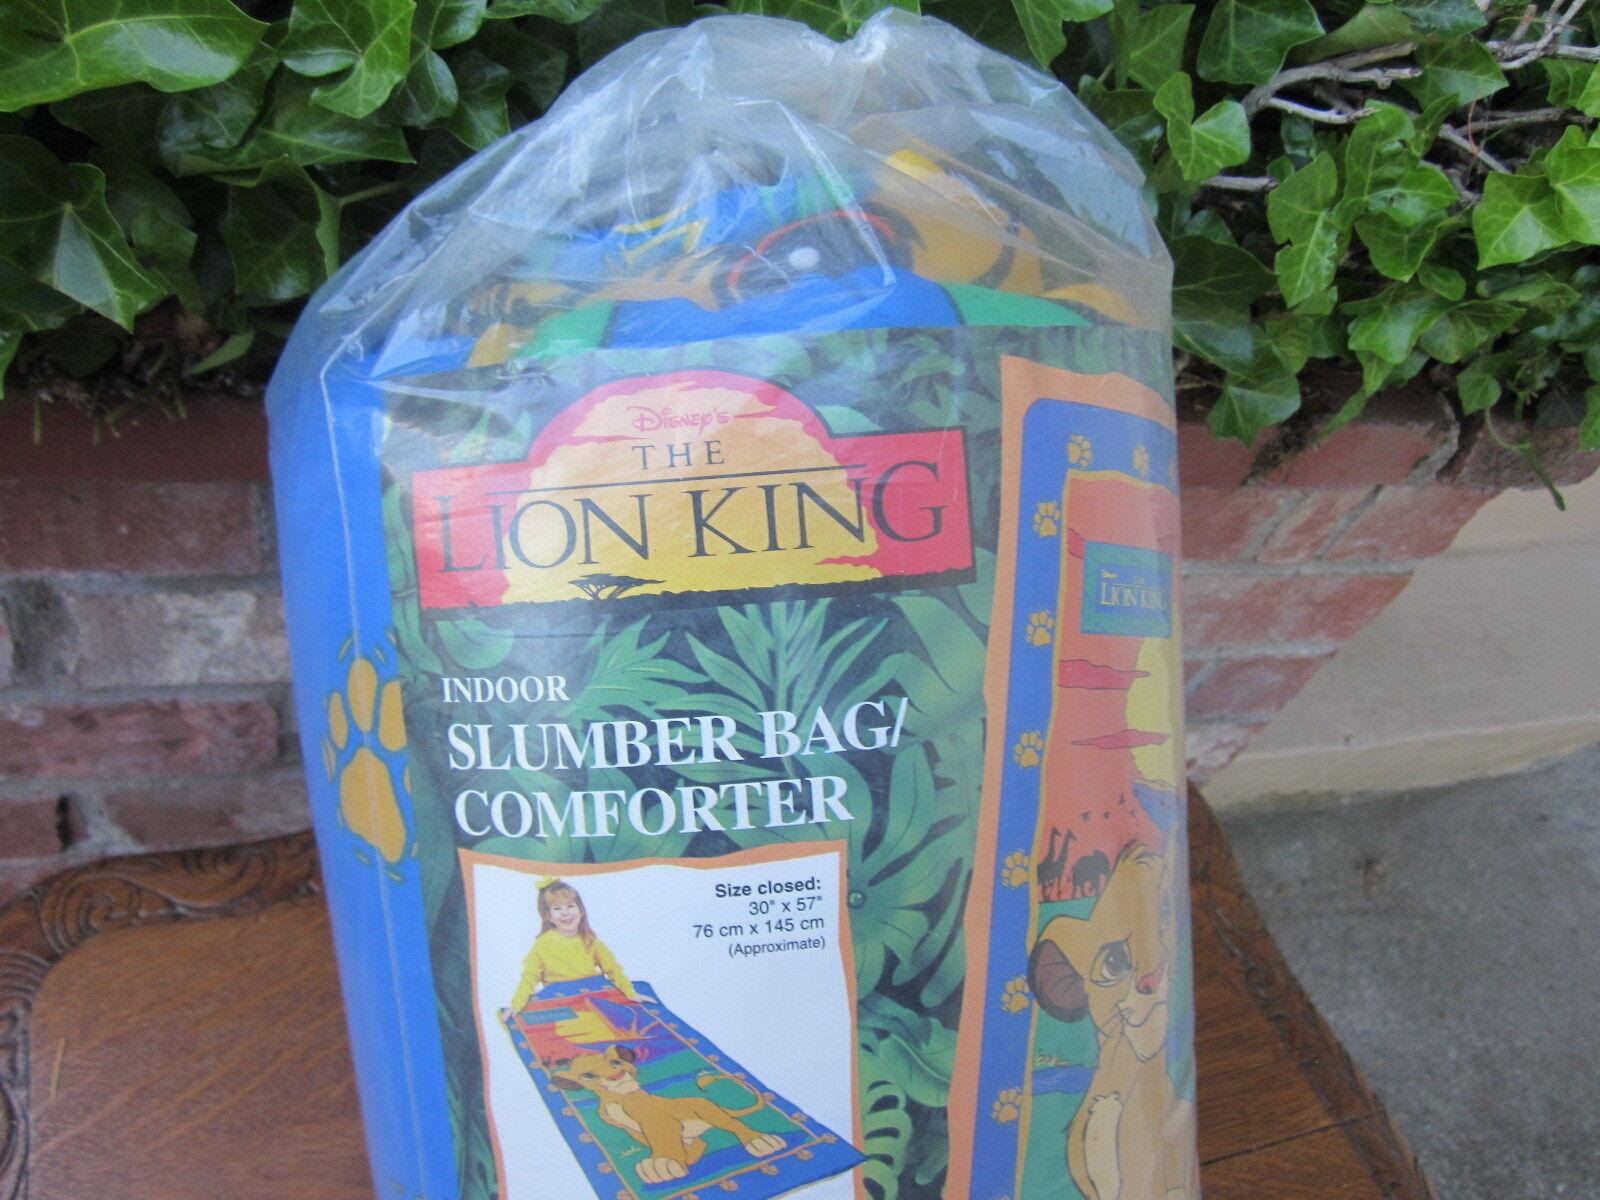 The Lion King-INDOOR SLUMBER BAG COMFORTER- Bran new never opened